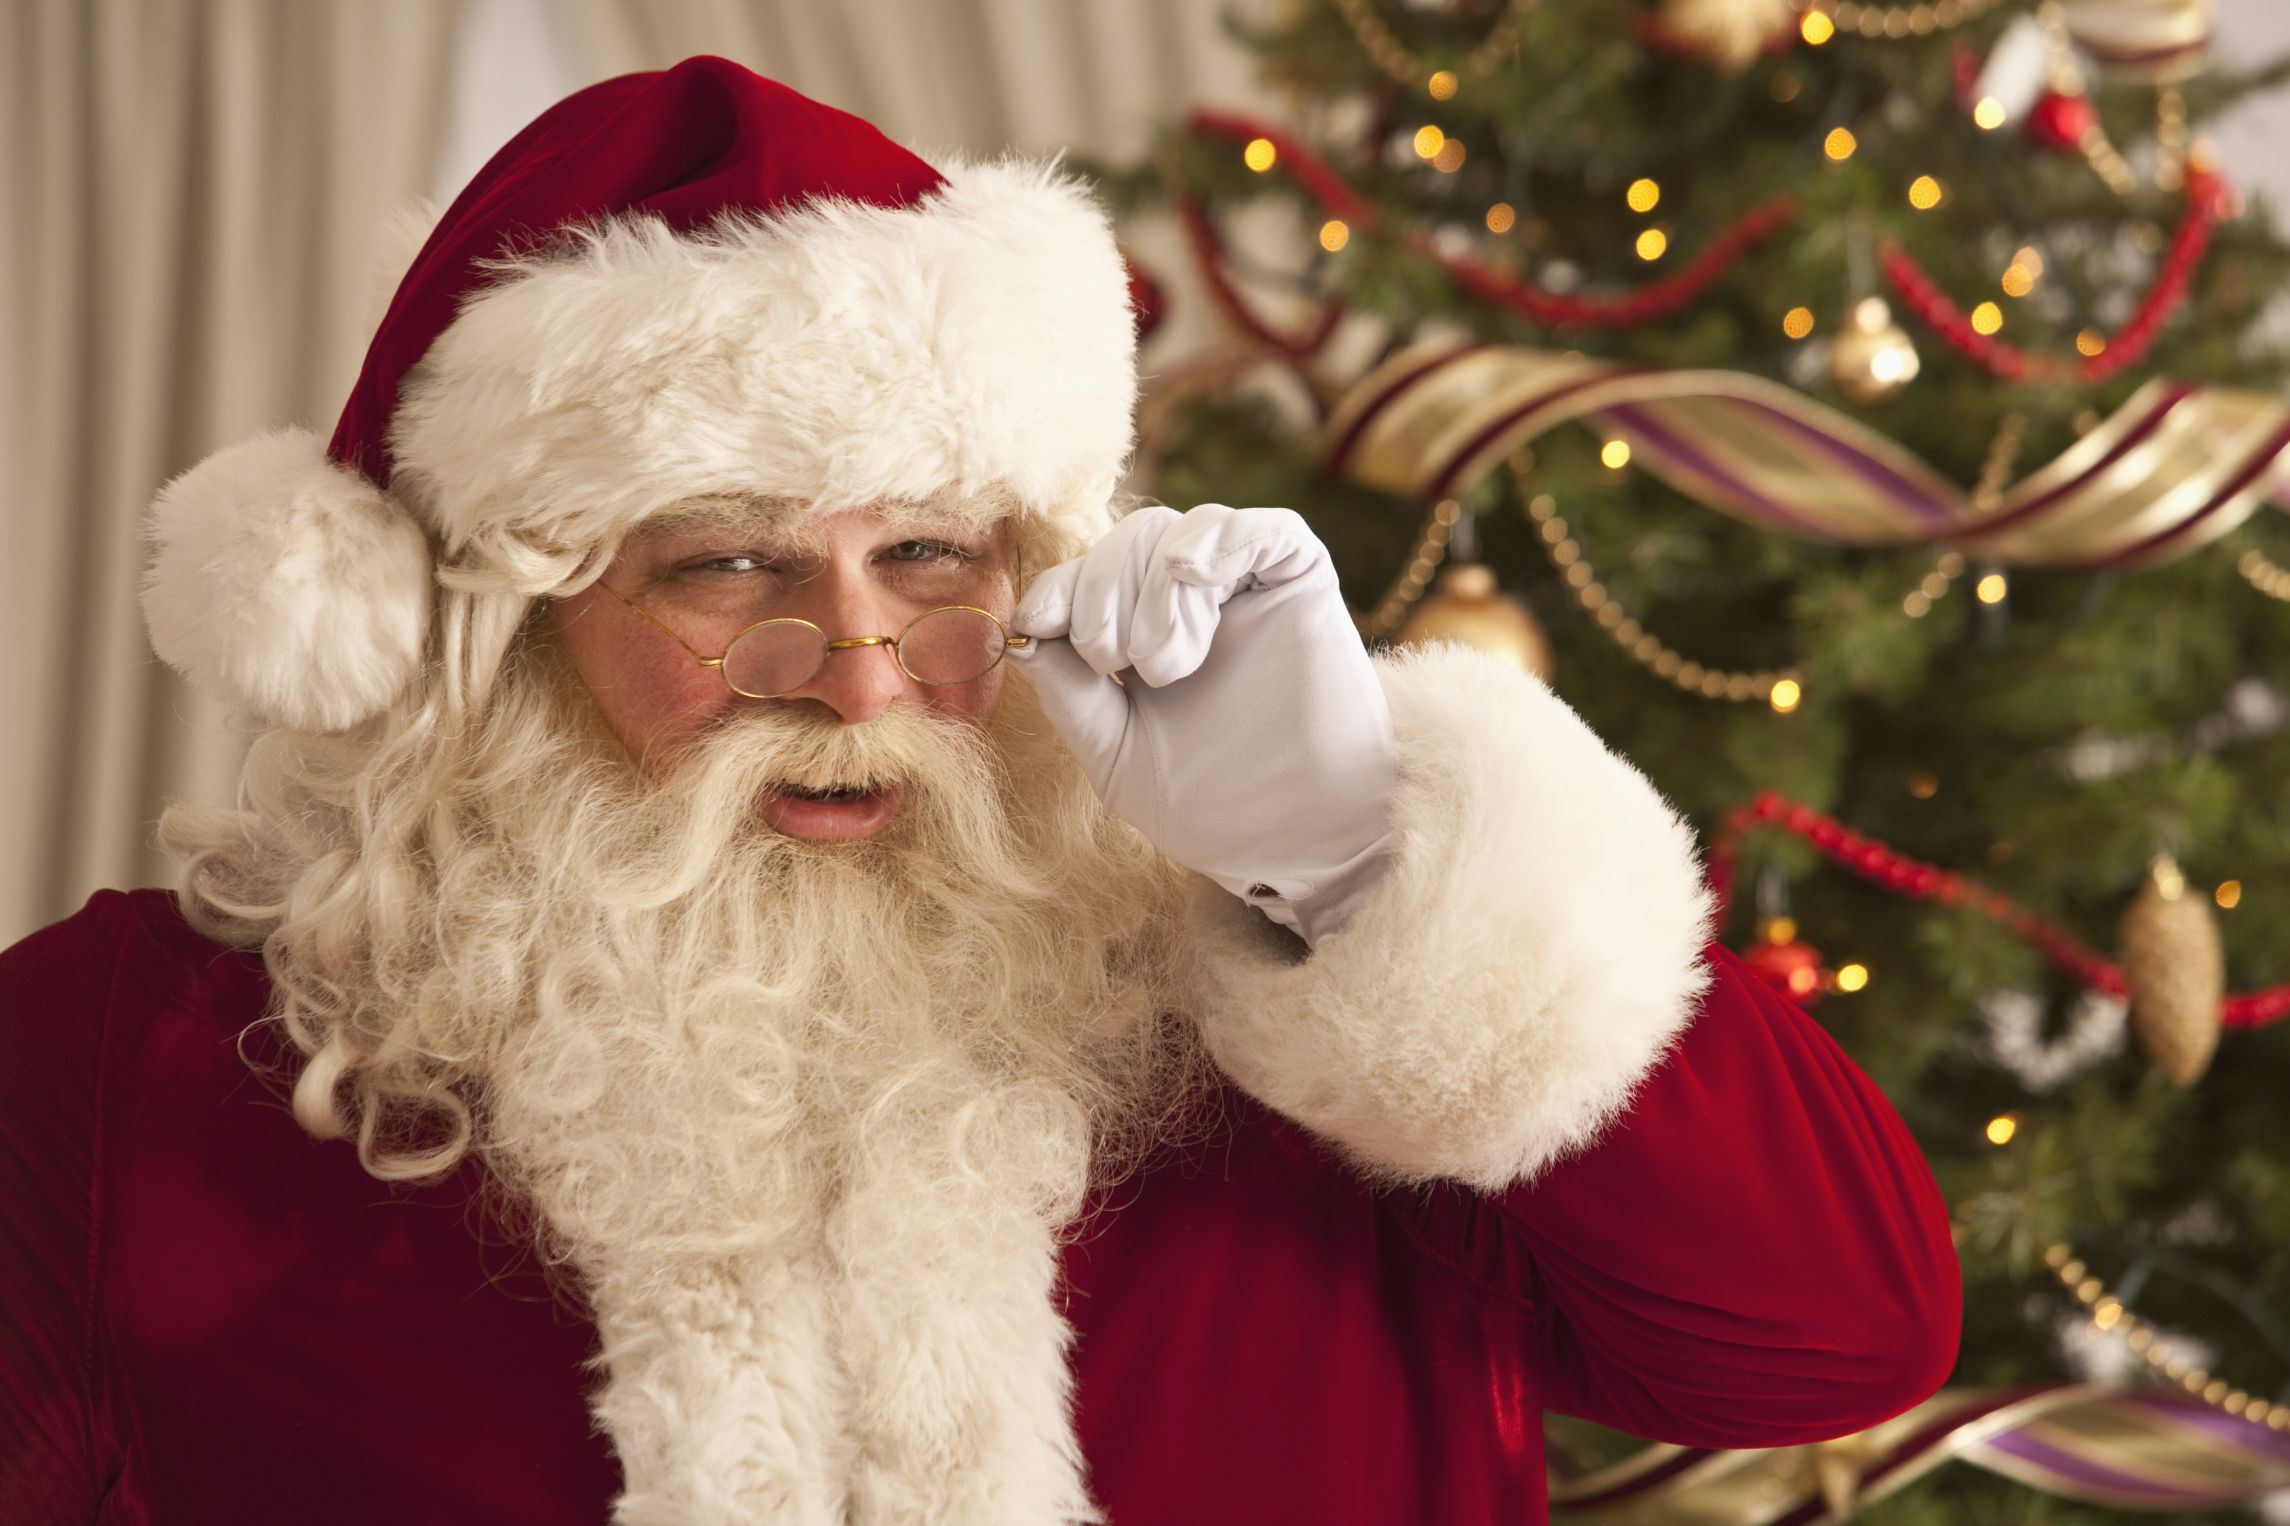 Juegos De Navidad Para Toda La Familia Juegos De Navidad Papa